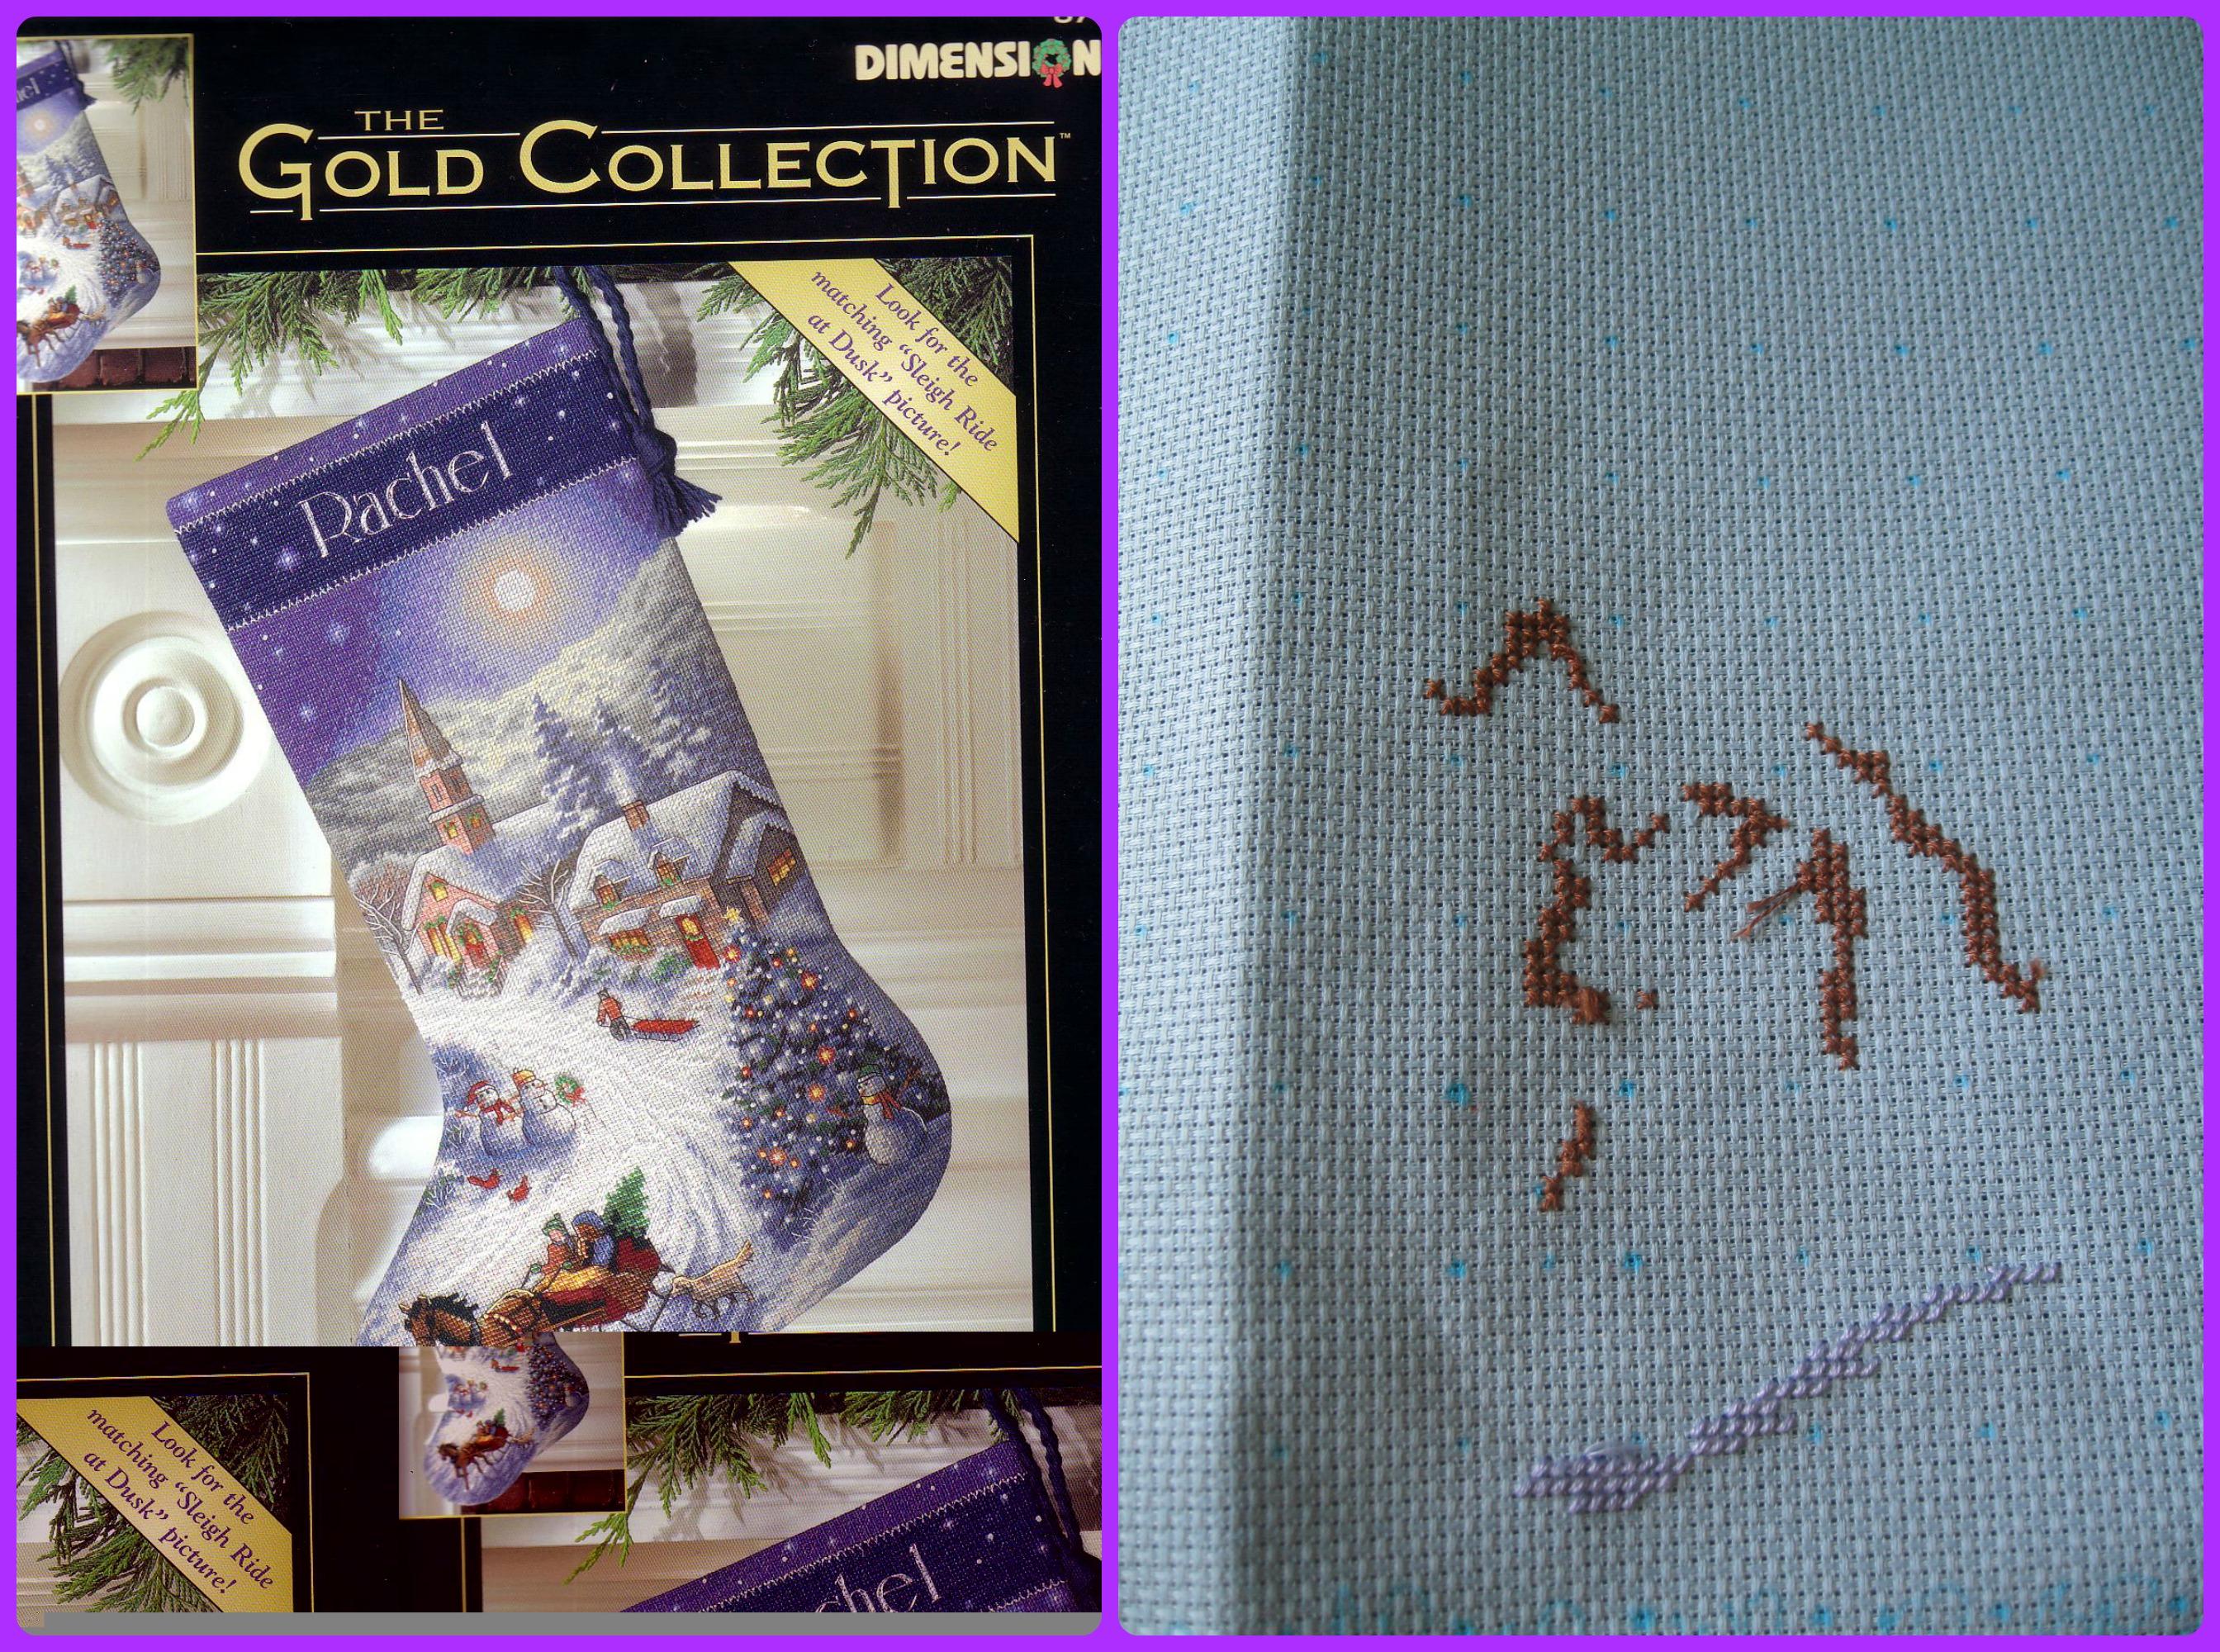 Дименшенс вышивка каталог золотая коллекция 13